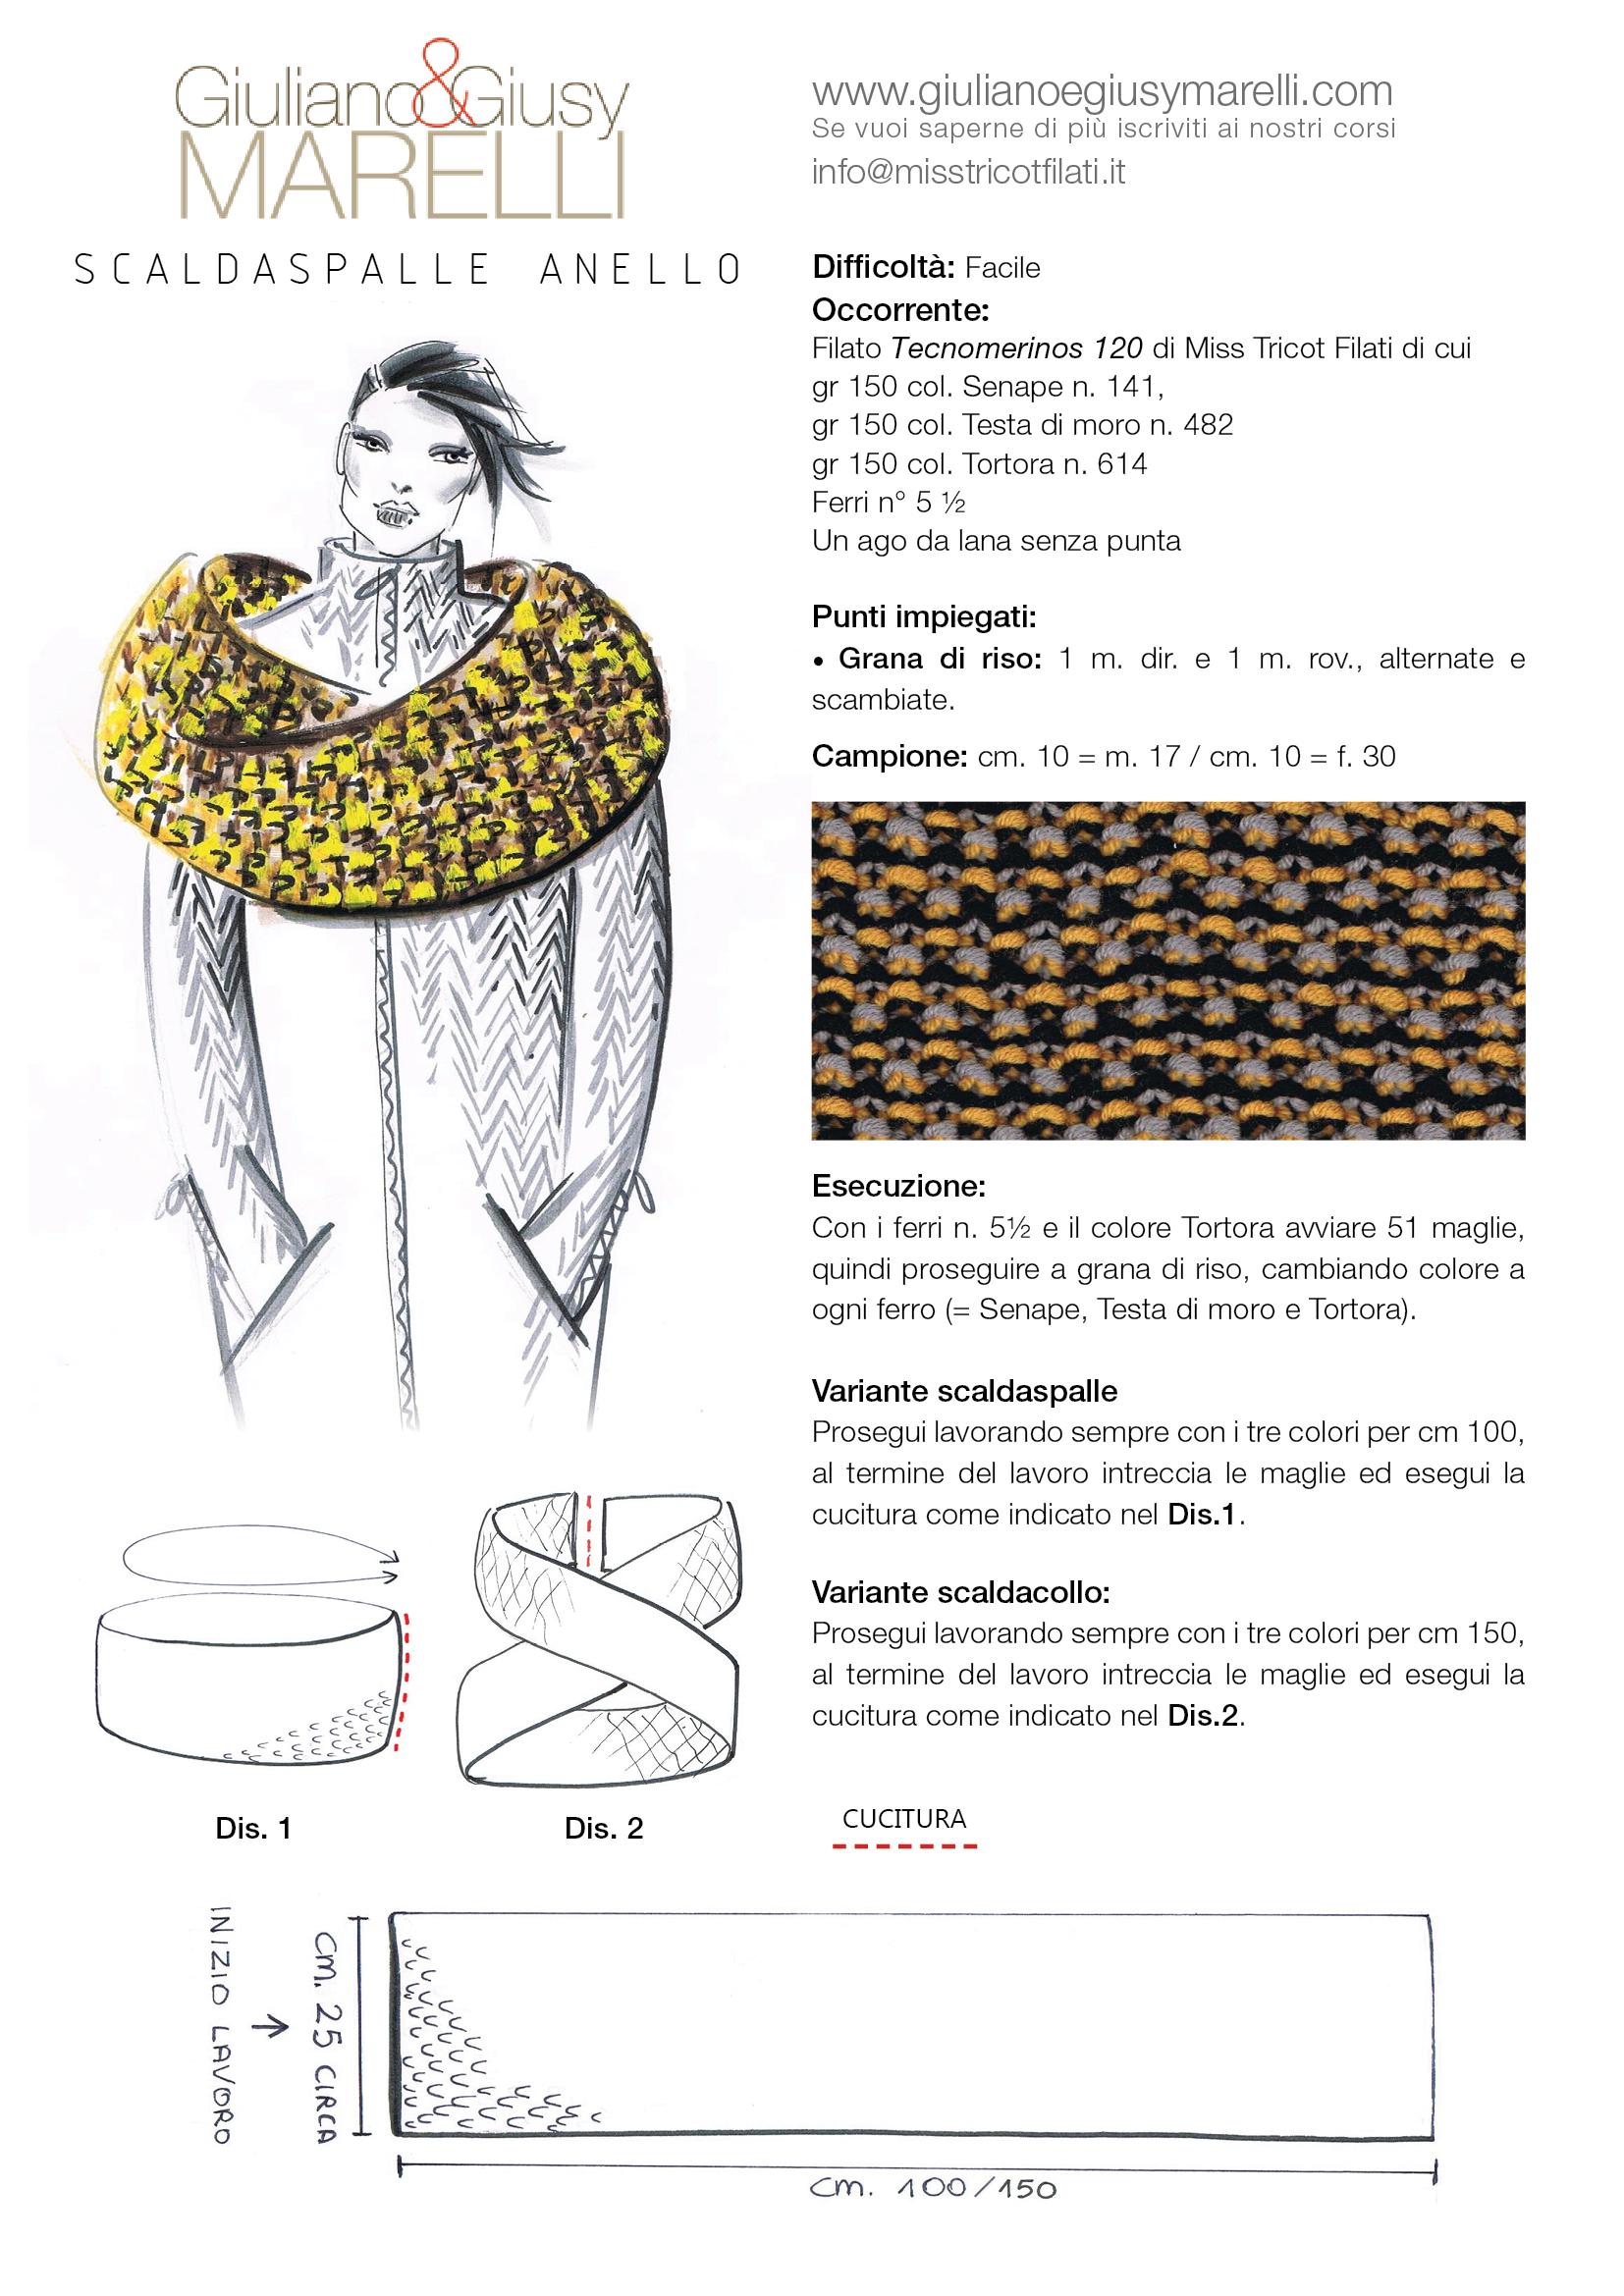 MagliaFacilissima_Scaldaspalle_Anello.jpg